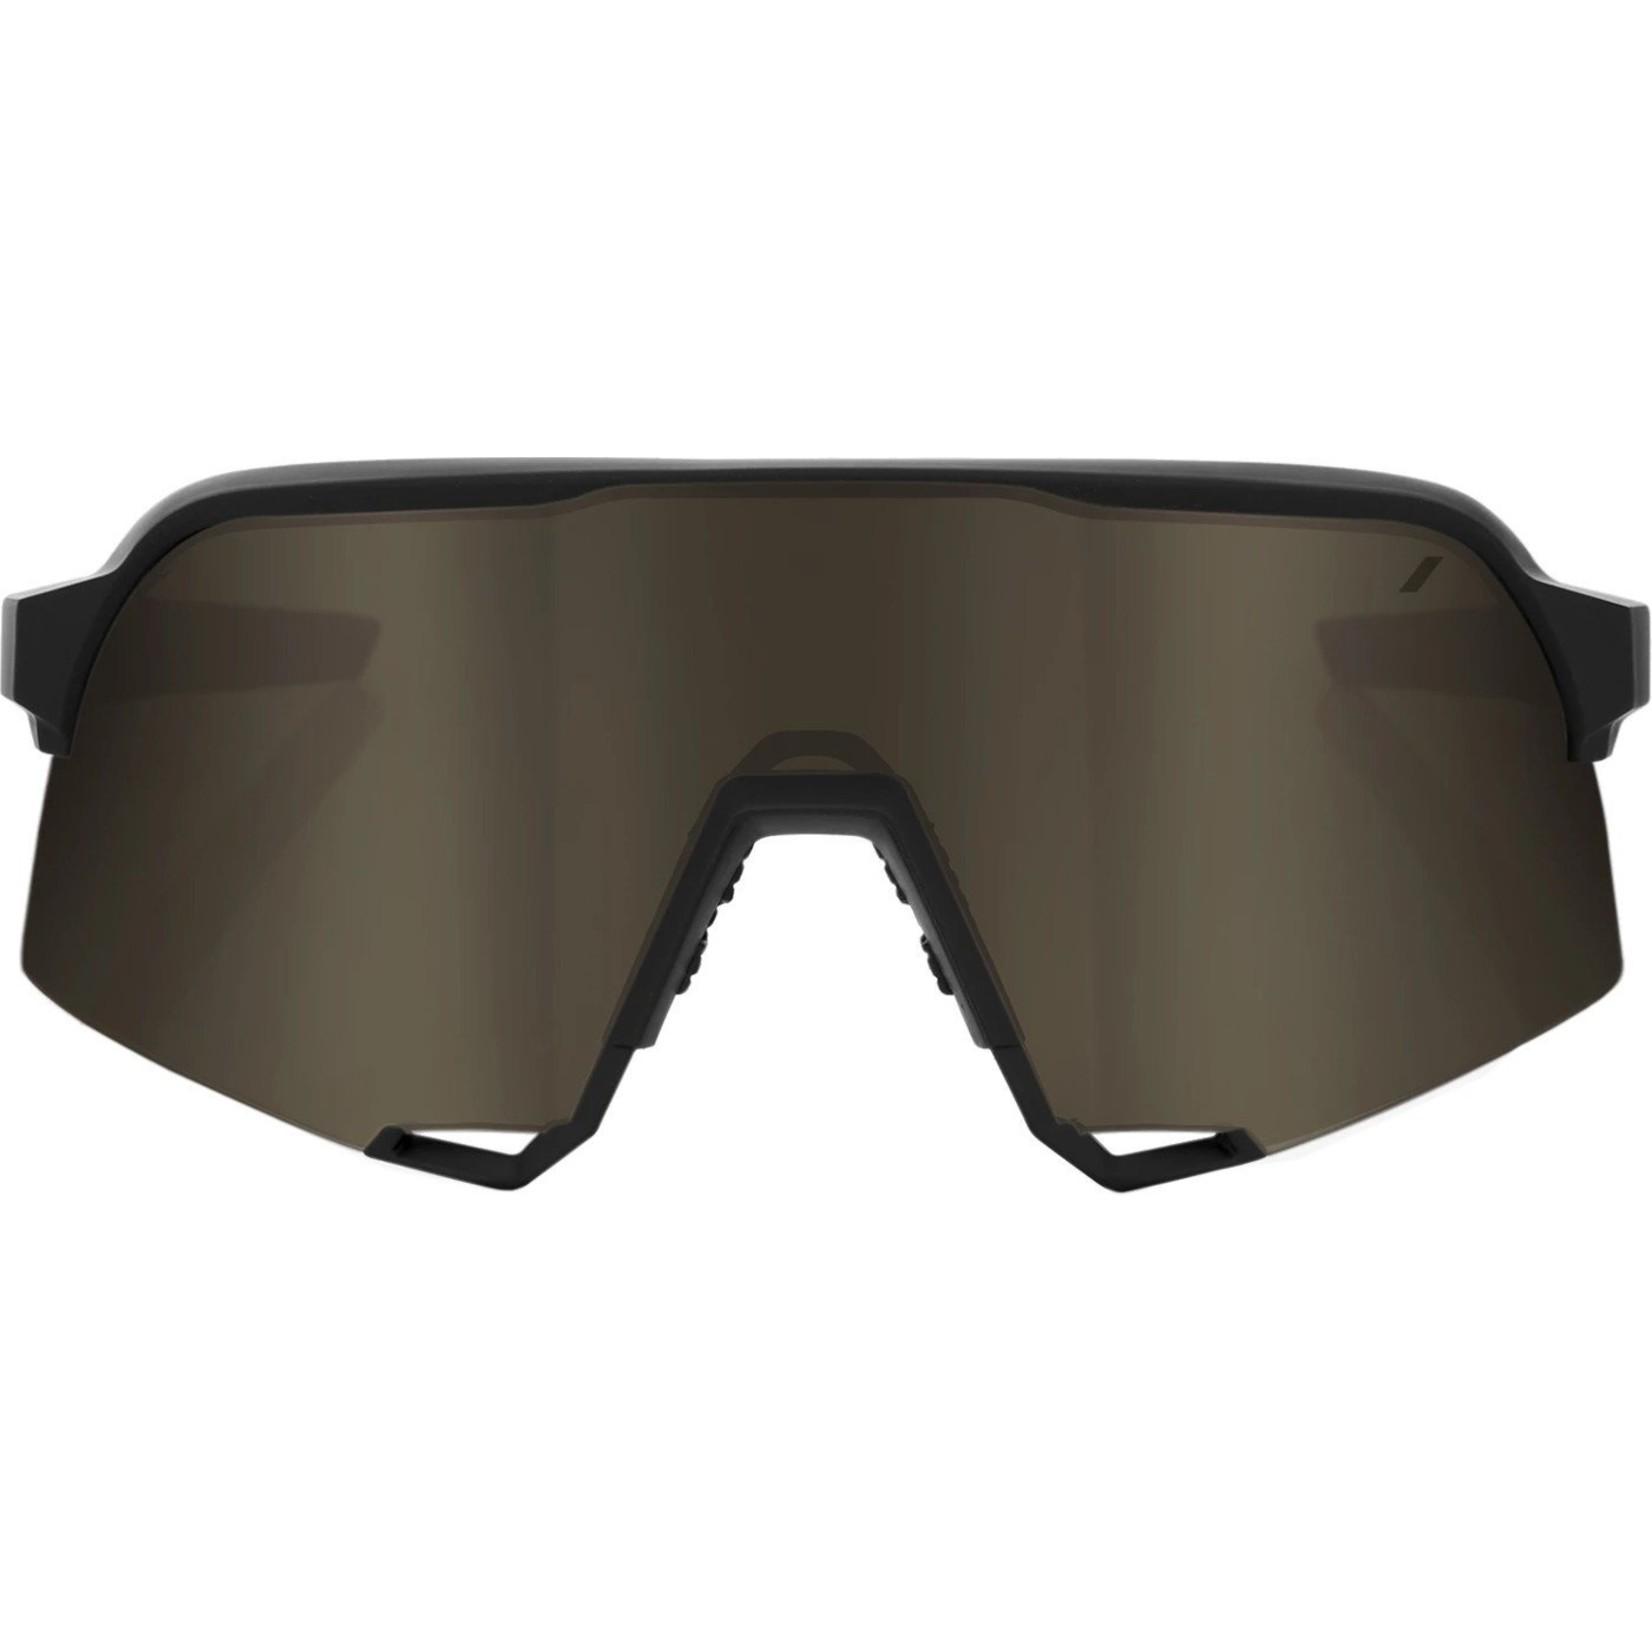 100% S3 GLASSES SOFT BLACK GOLD LENS